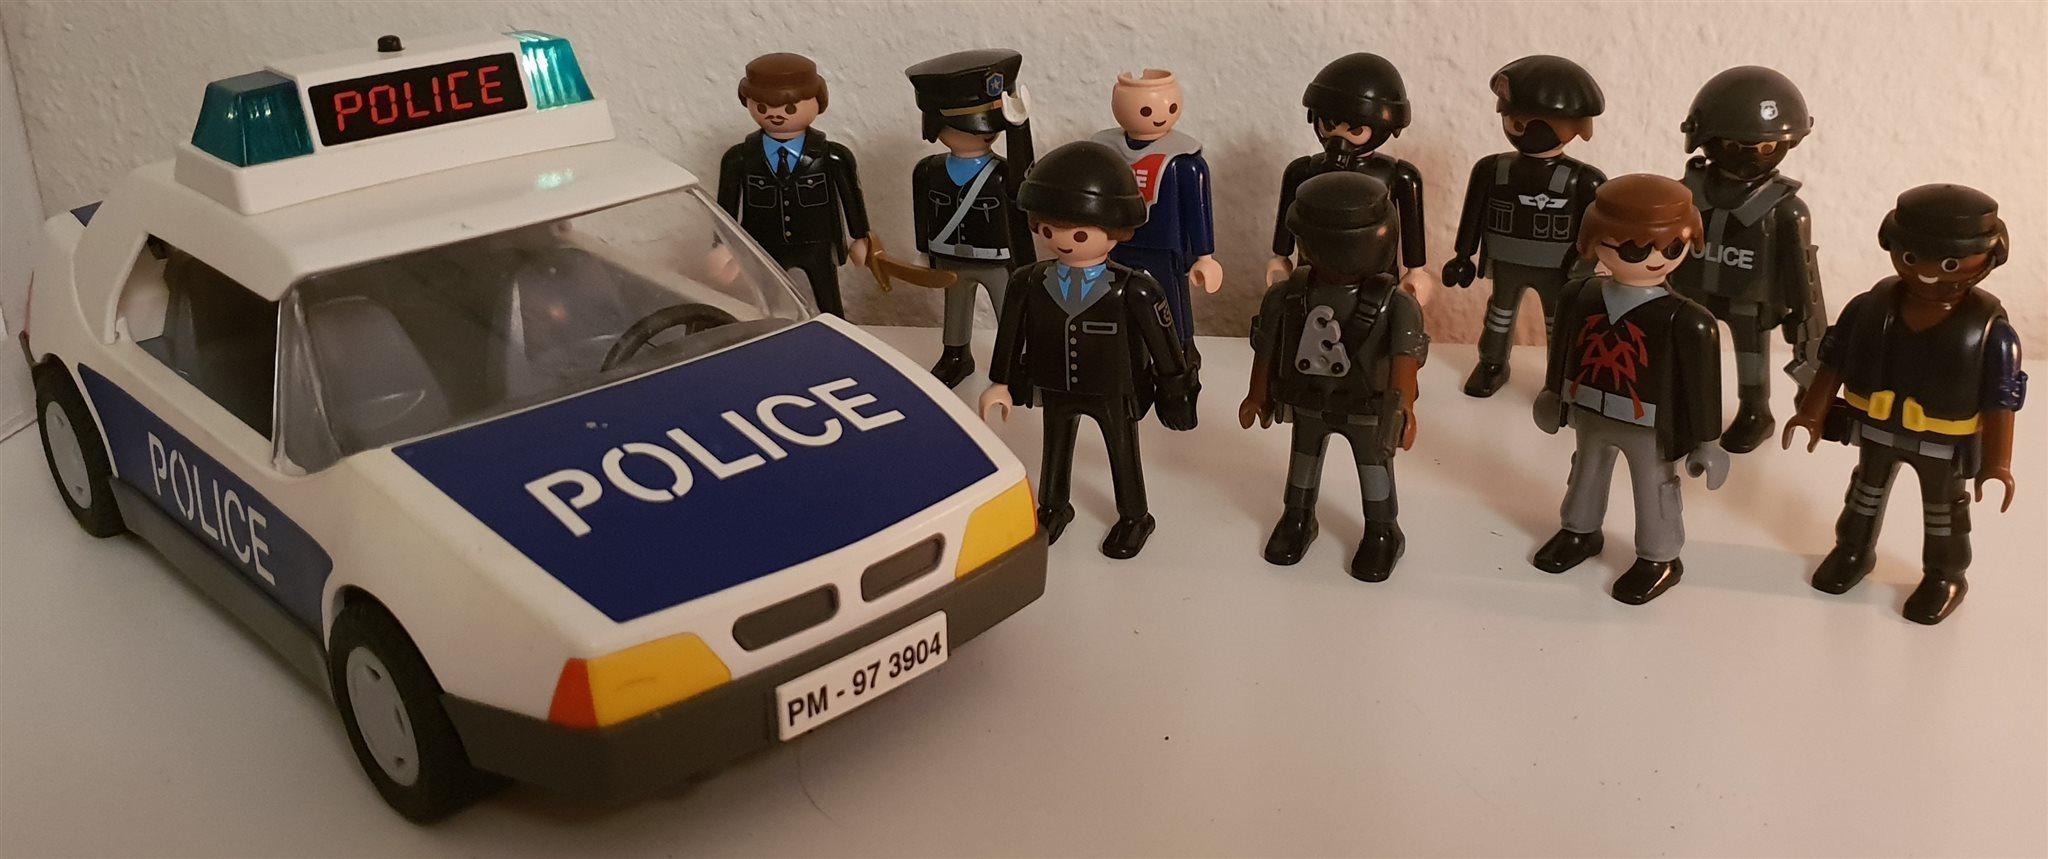 Playmobil polistema med  9 gubbar och 1 polisbil m blinkande siren